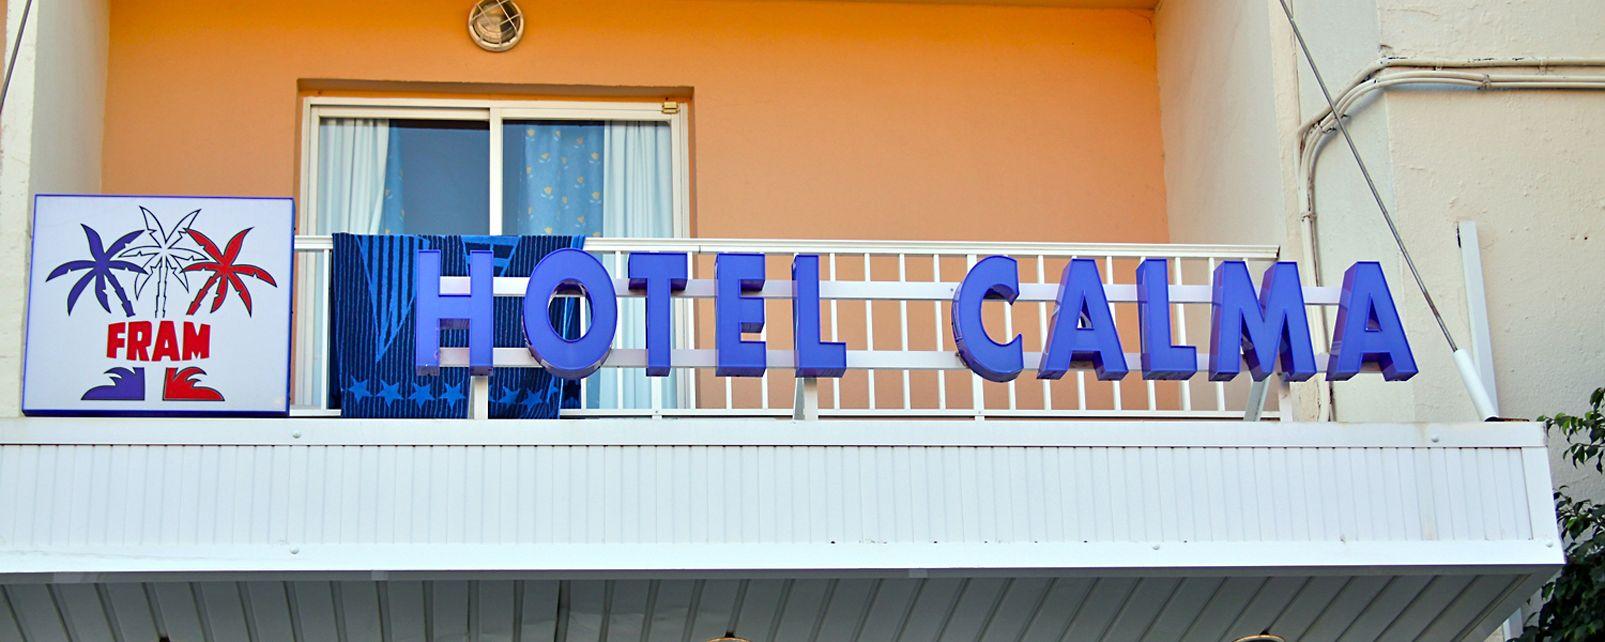 Hotel Ilusion Calma Spa